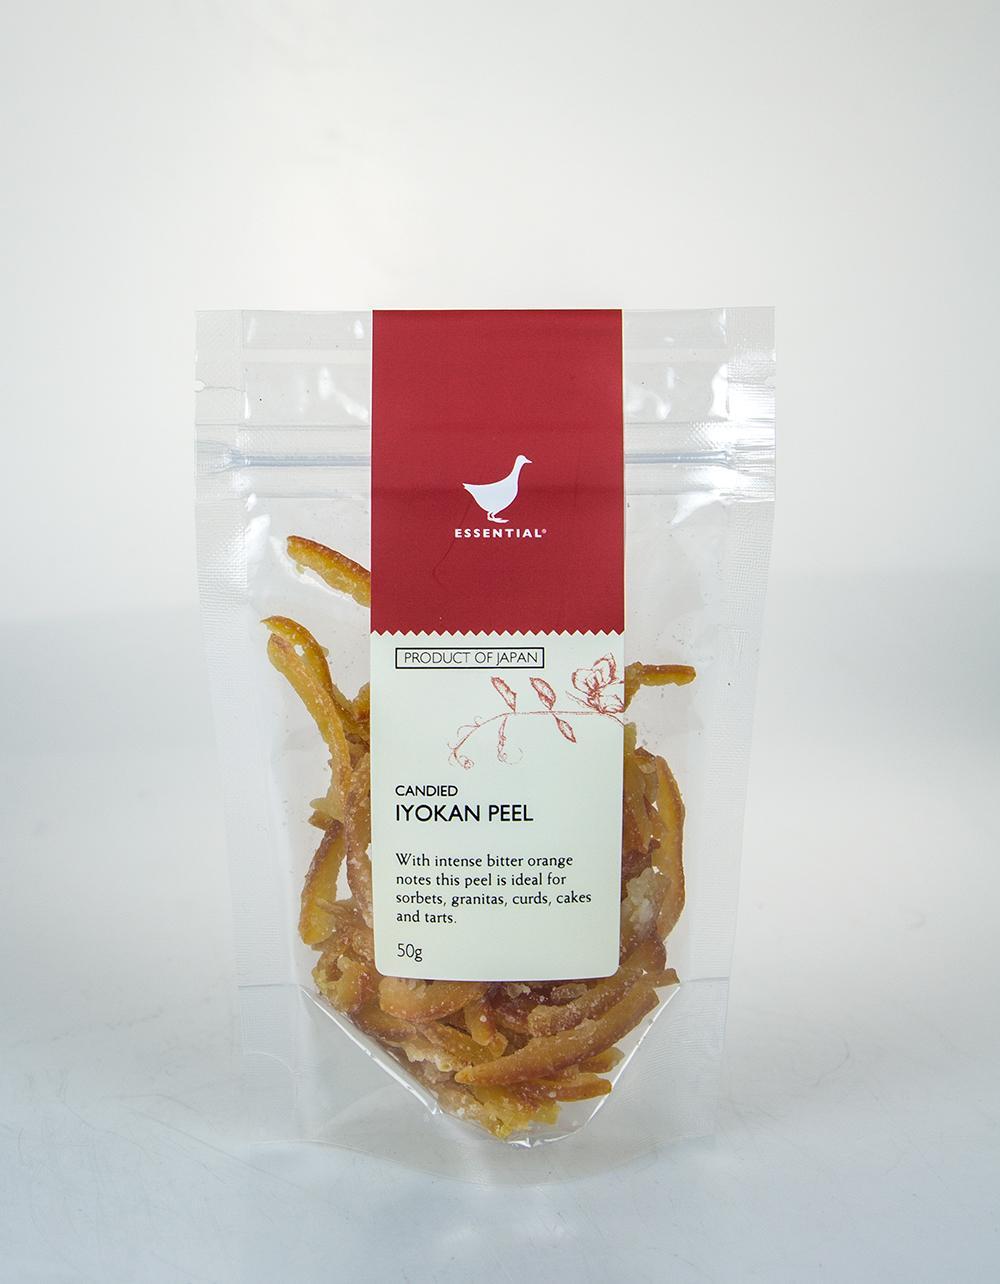 Candied Iyokan Peel The Essential Ingredient 50g